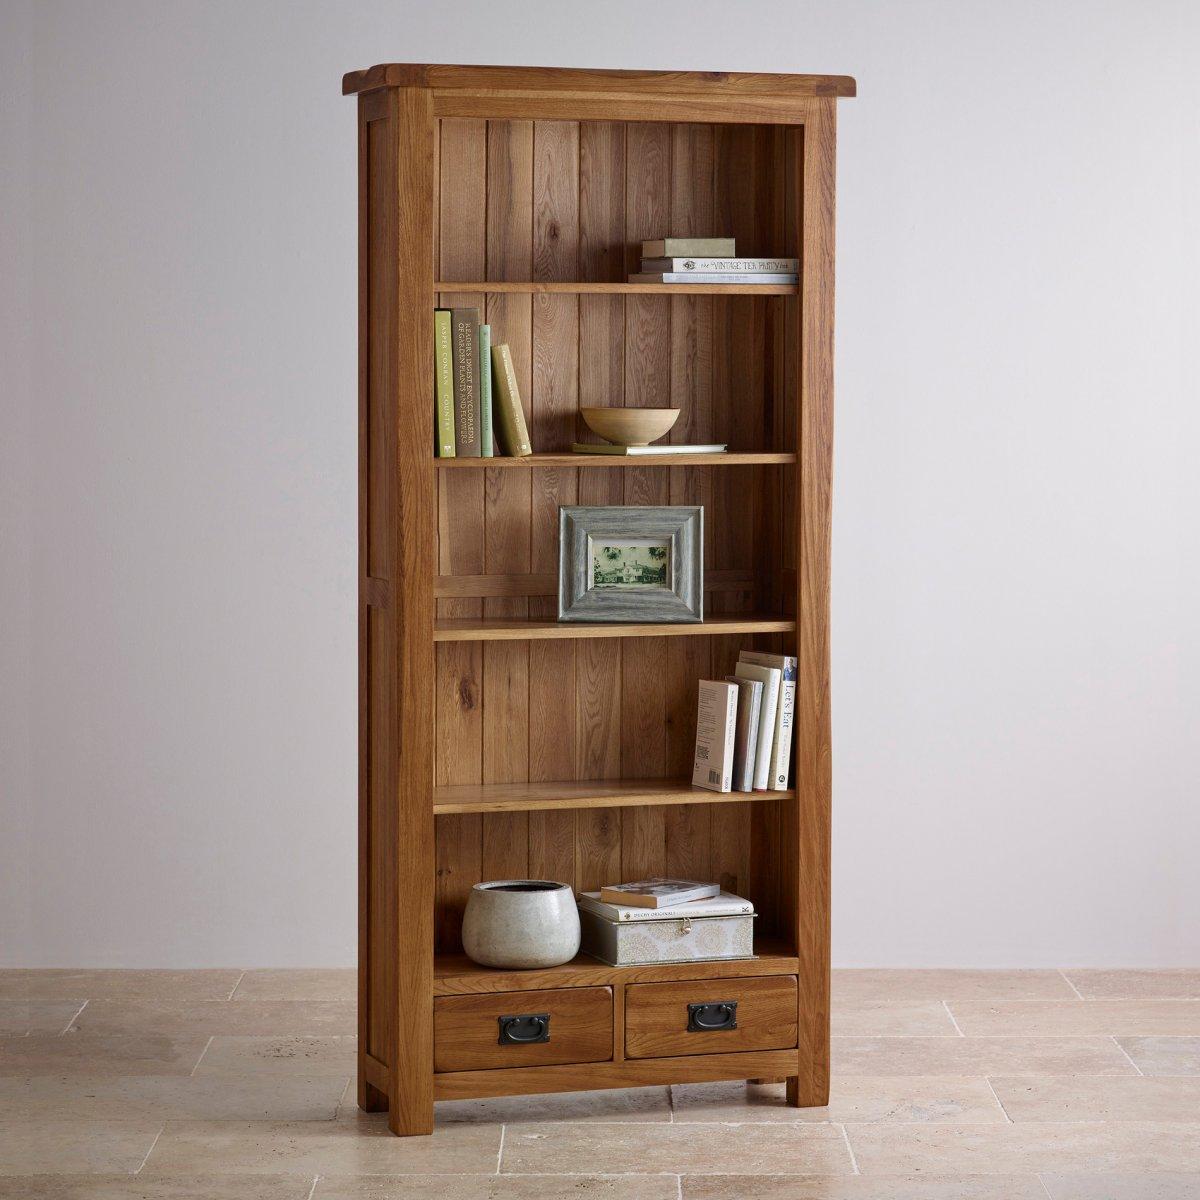 Original Rustic Tall Bookcase in Solid Oak | Oak Furniture ...